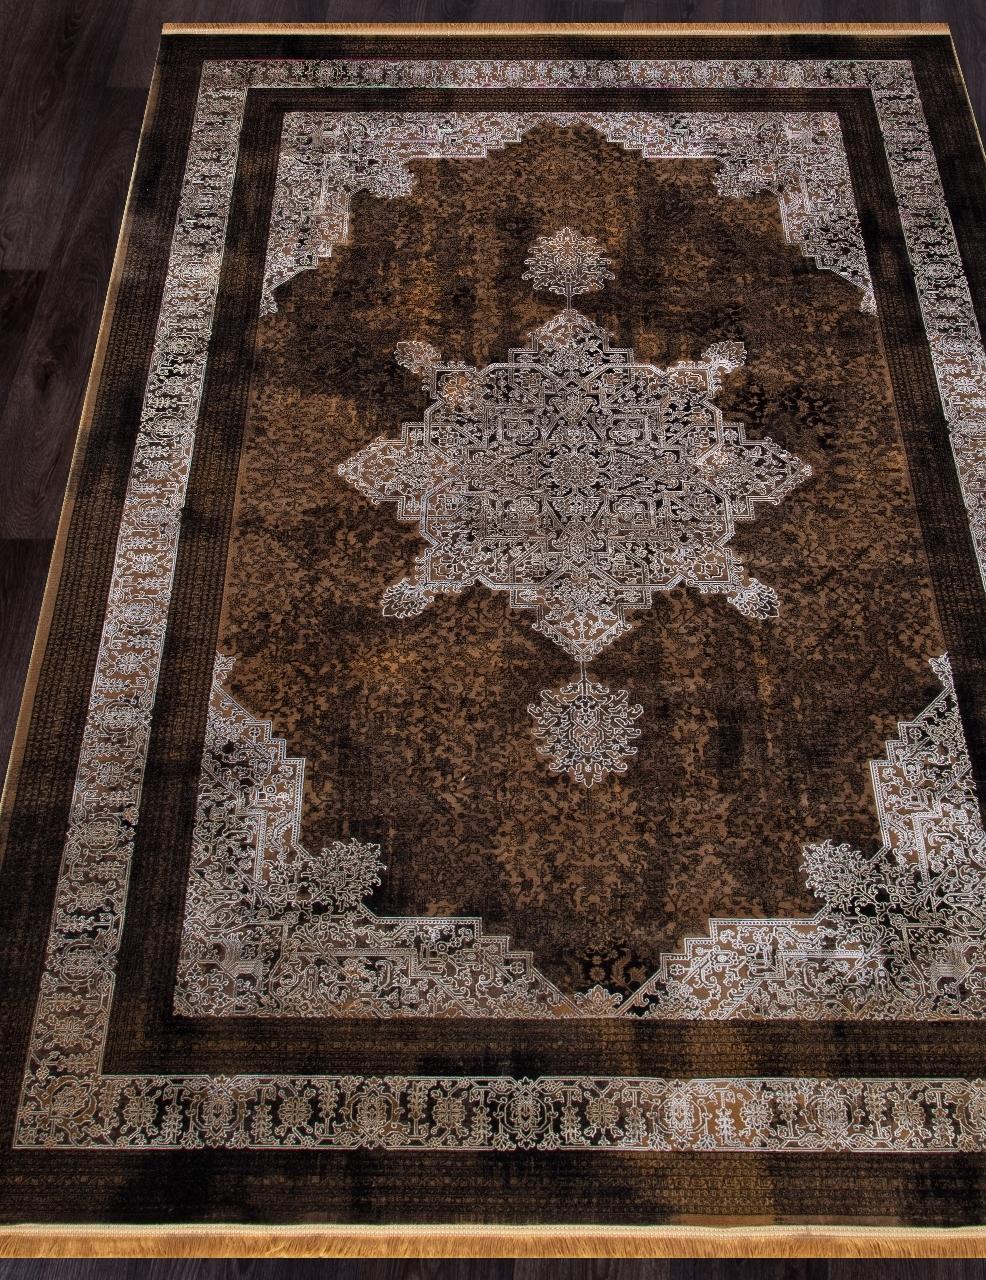 Ковер 9264 - BROWN - Прямоугольник - коллекция SHEIKH